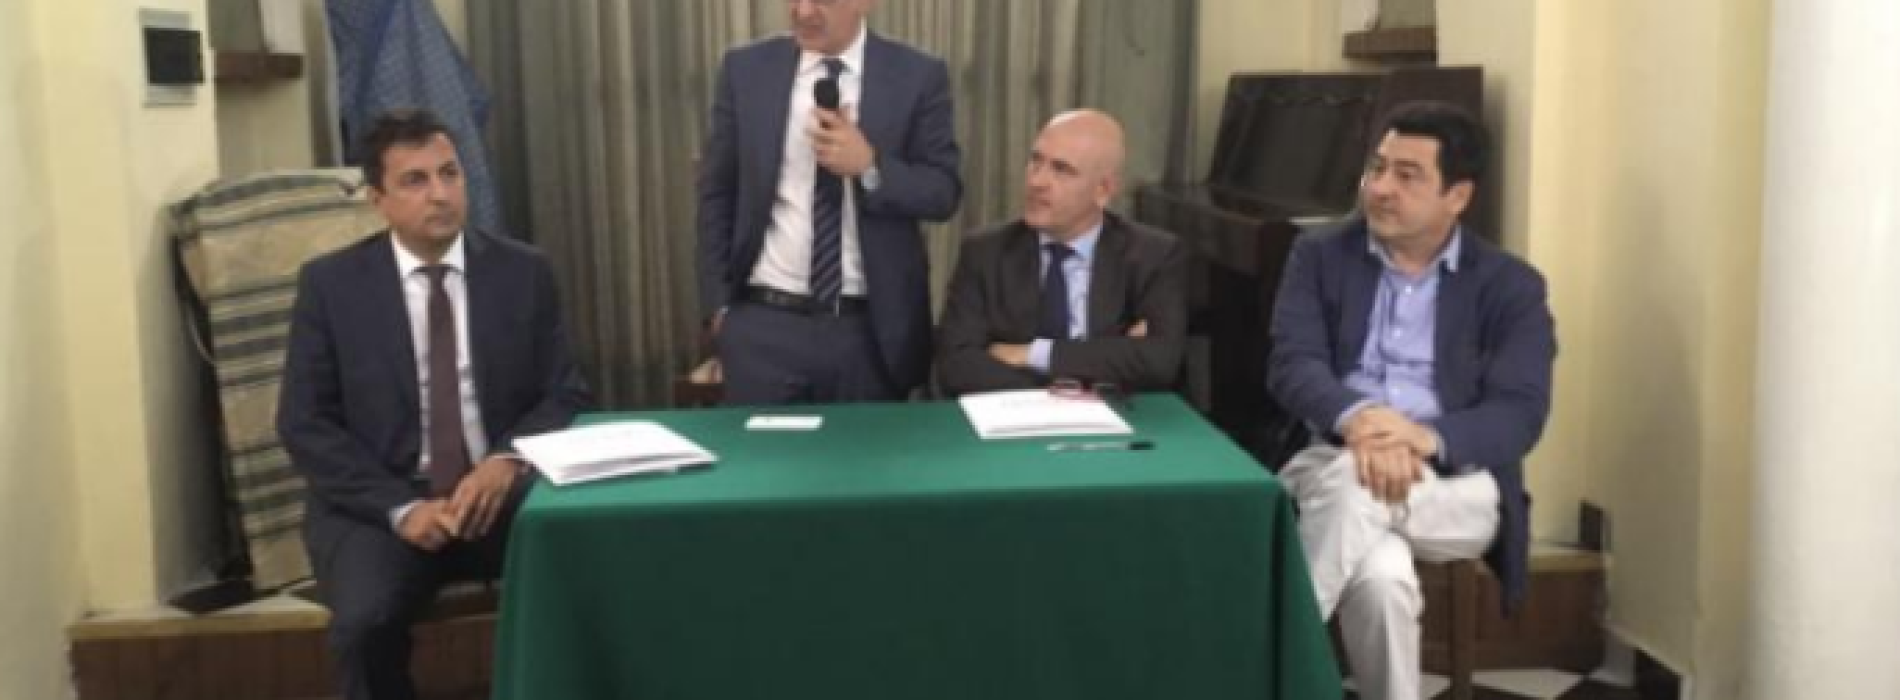 Patto per Caserta, Marino: Piazza Carlo III ritornerà ad essere la piazza dei casertani